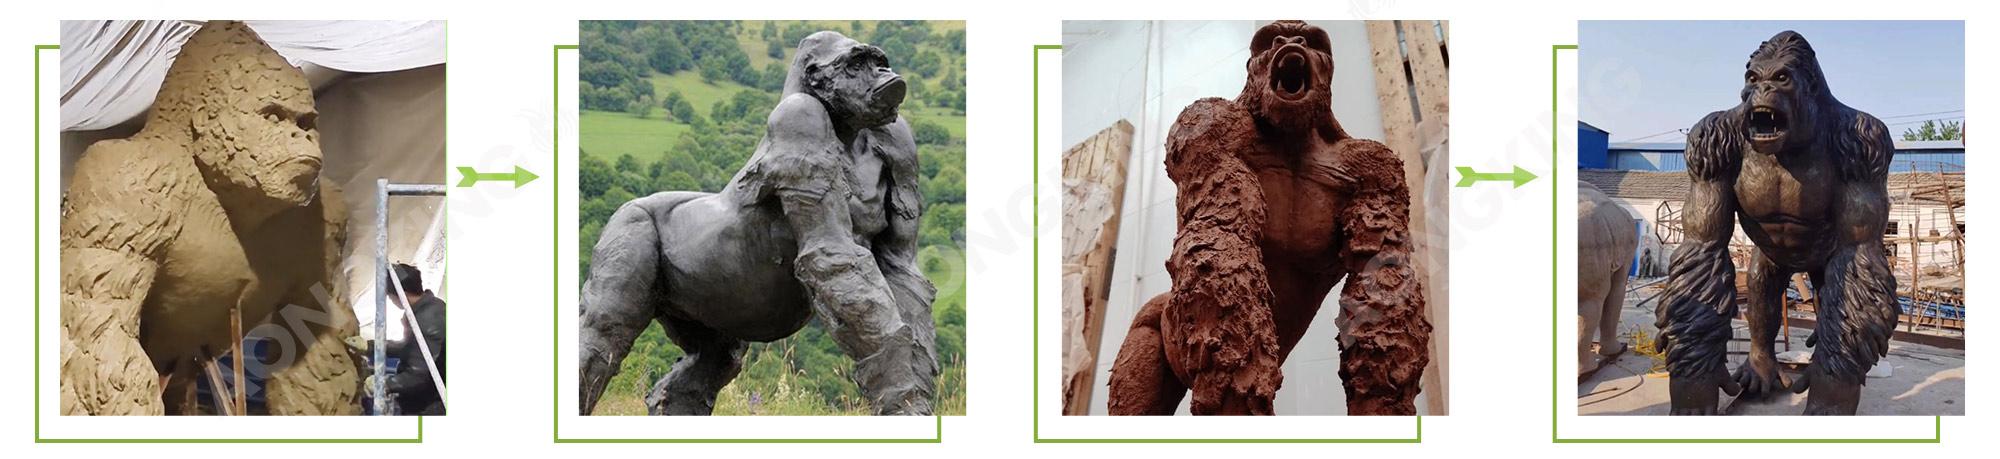 gorila statue